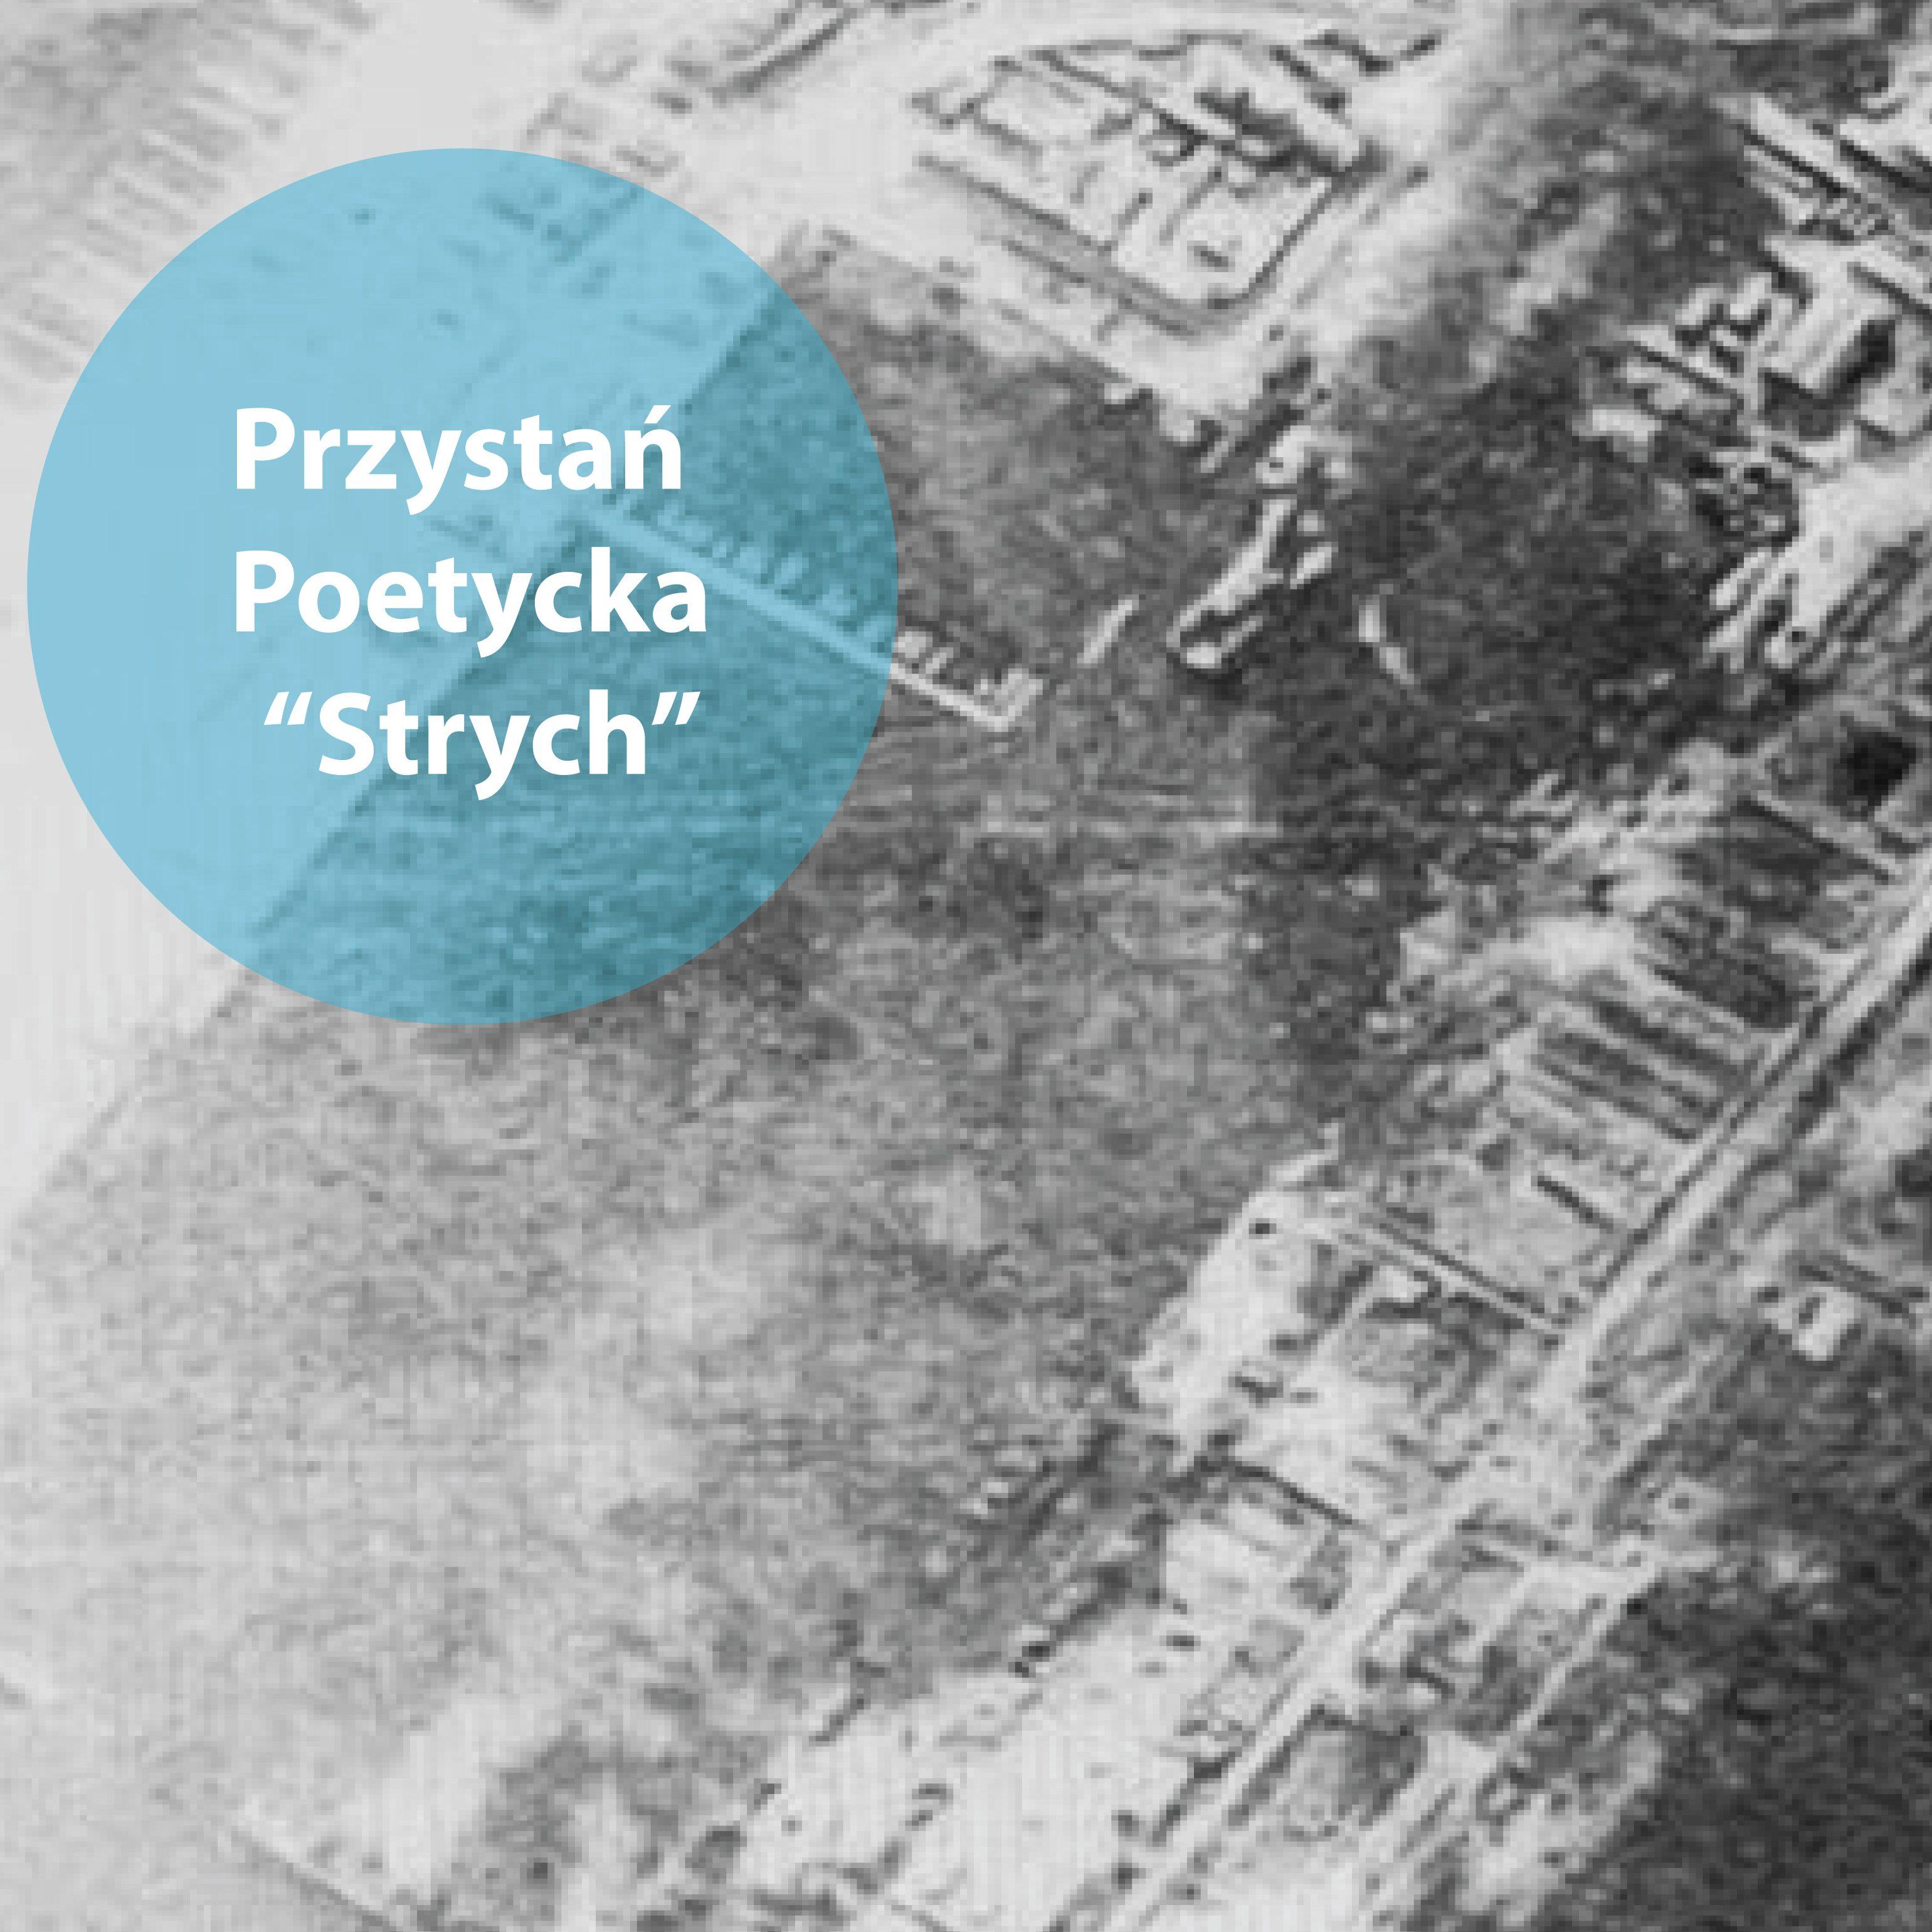 """Przystań Poetycka """"Strych"""" online: Raport wojenny ze Strychu"""